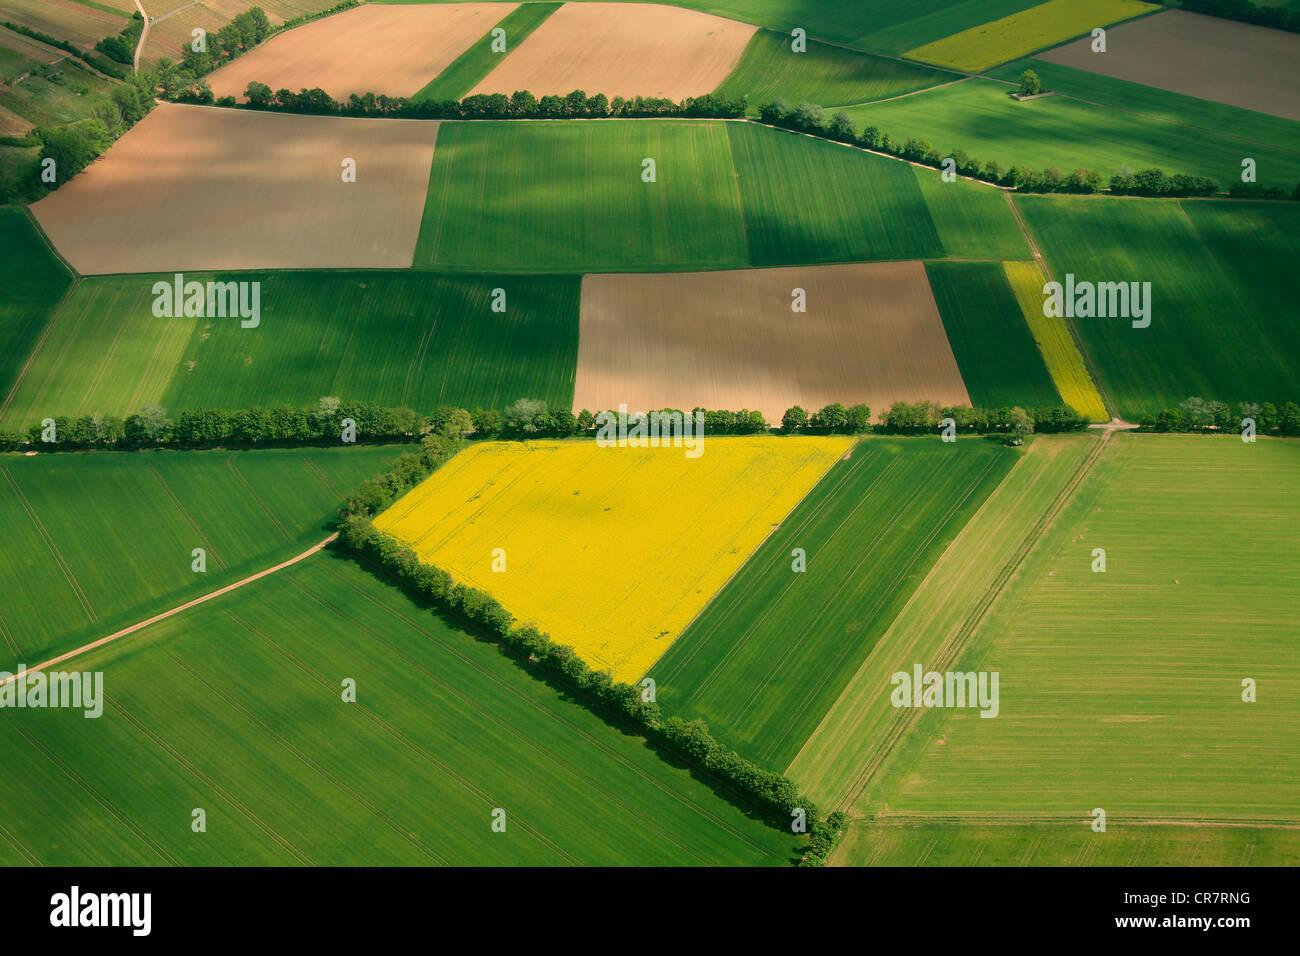 Vue aérienne, des champs de céréales et de canola champs séparés par des haies, Erbes-Buedesheim, Photo Stock